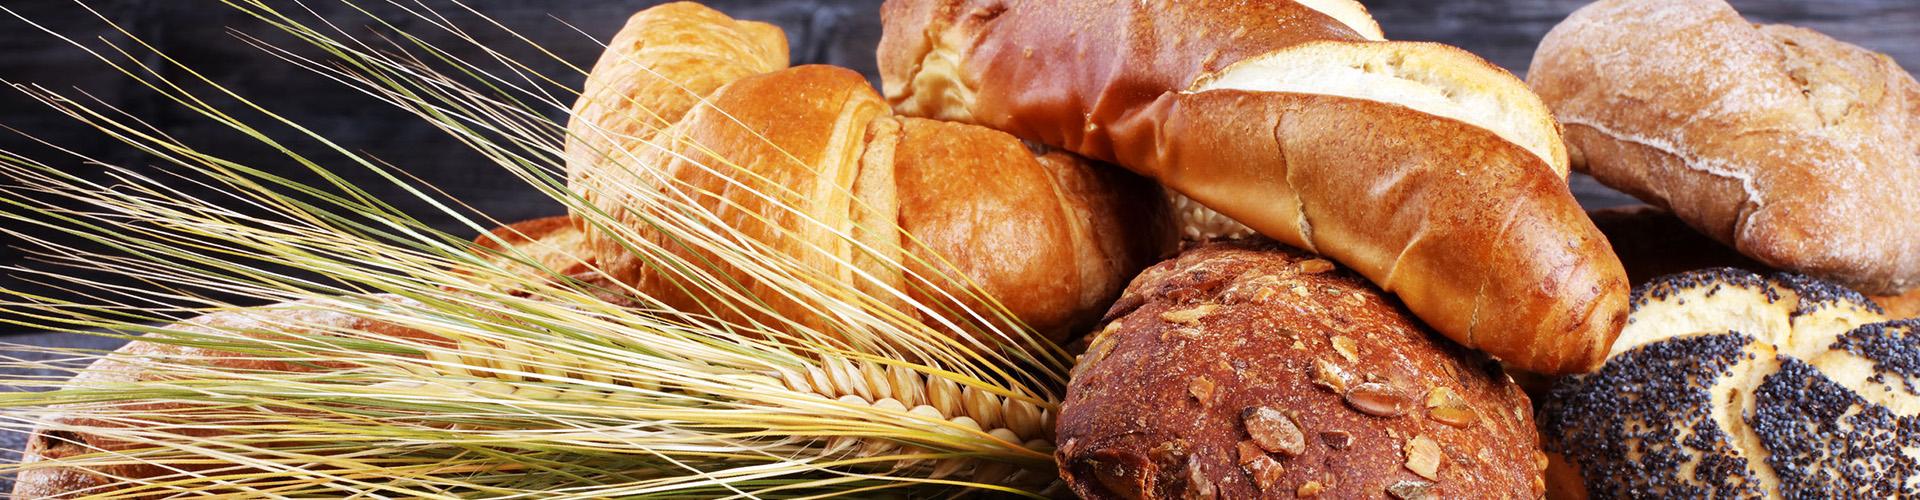 Brötchen in der Bäckerei Körner